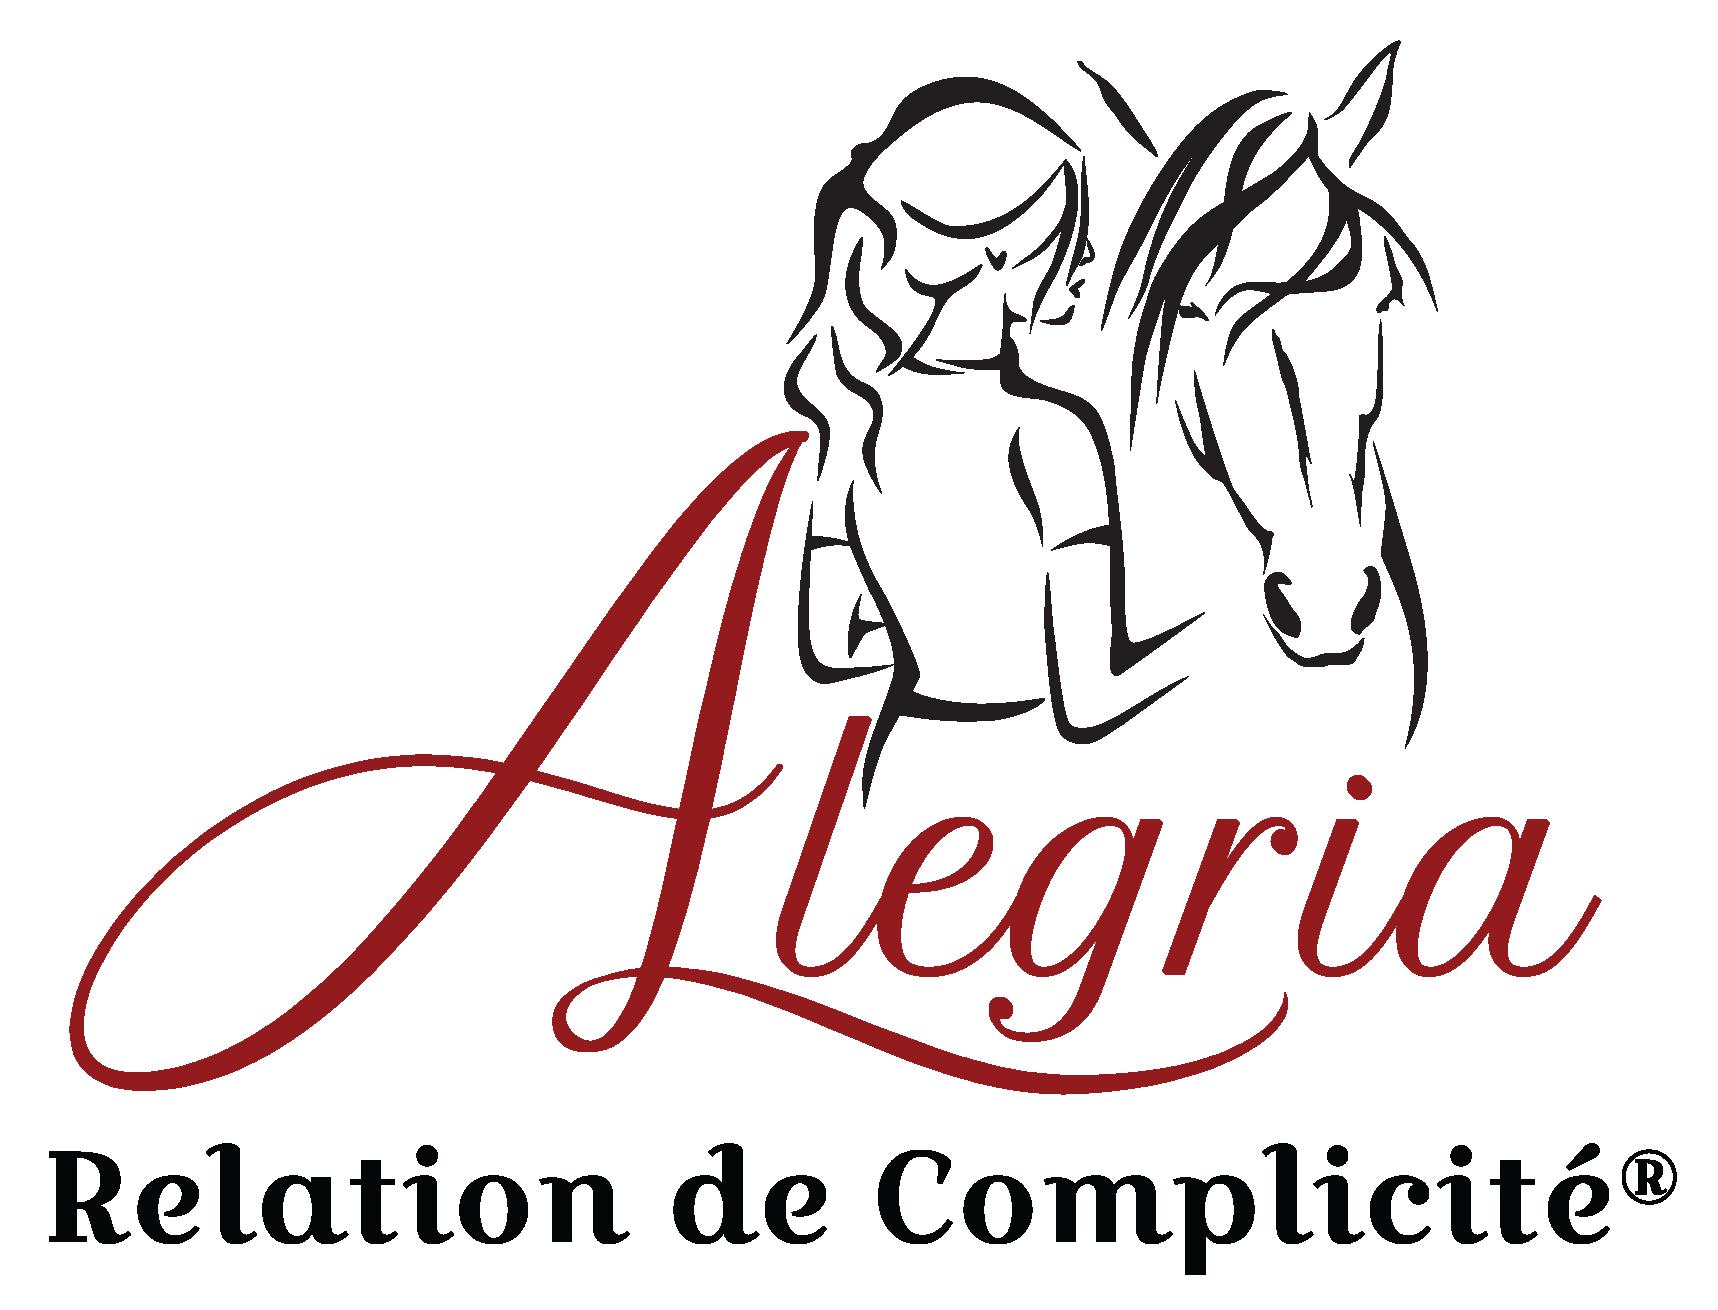 Alegria-Relation-de-Complicité-Logo